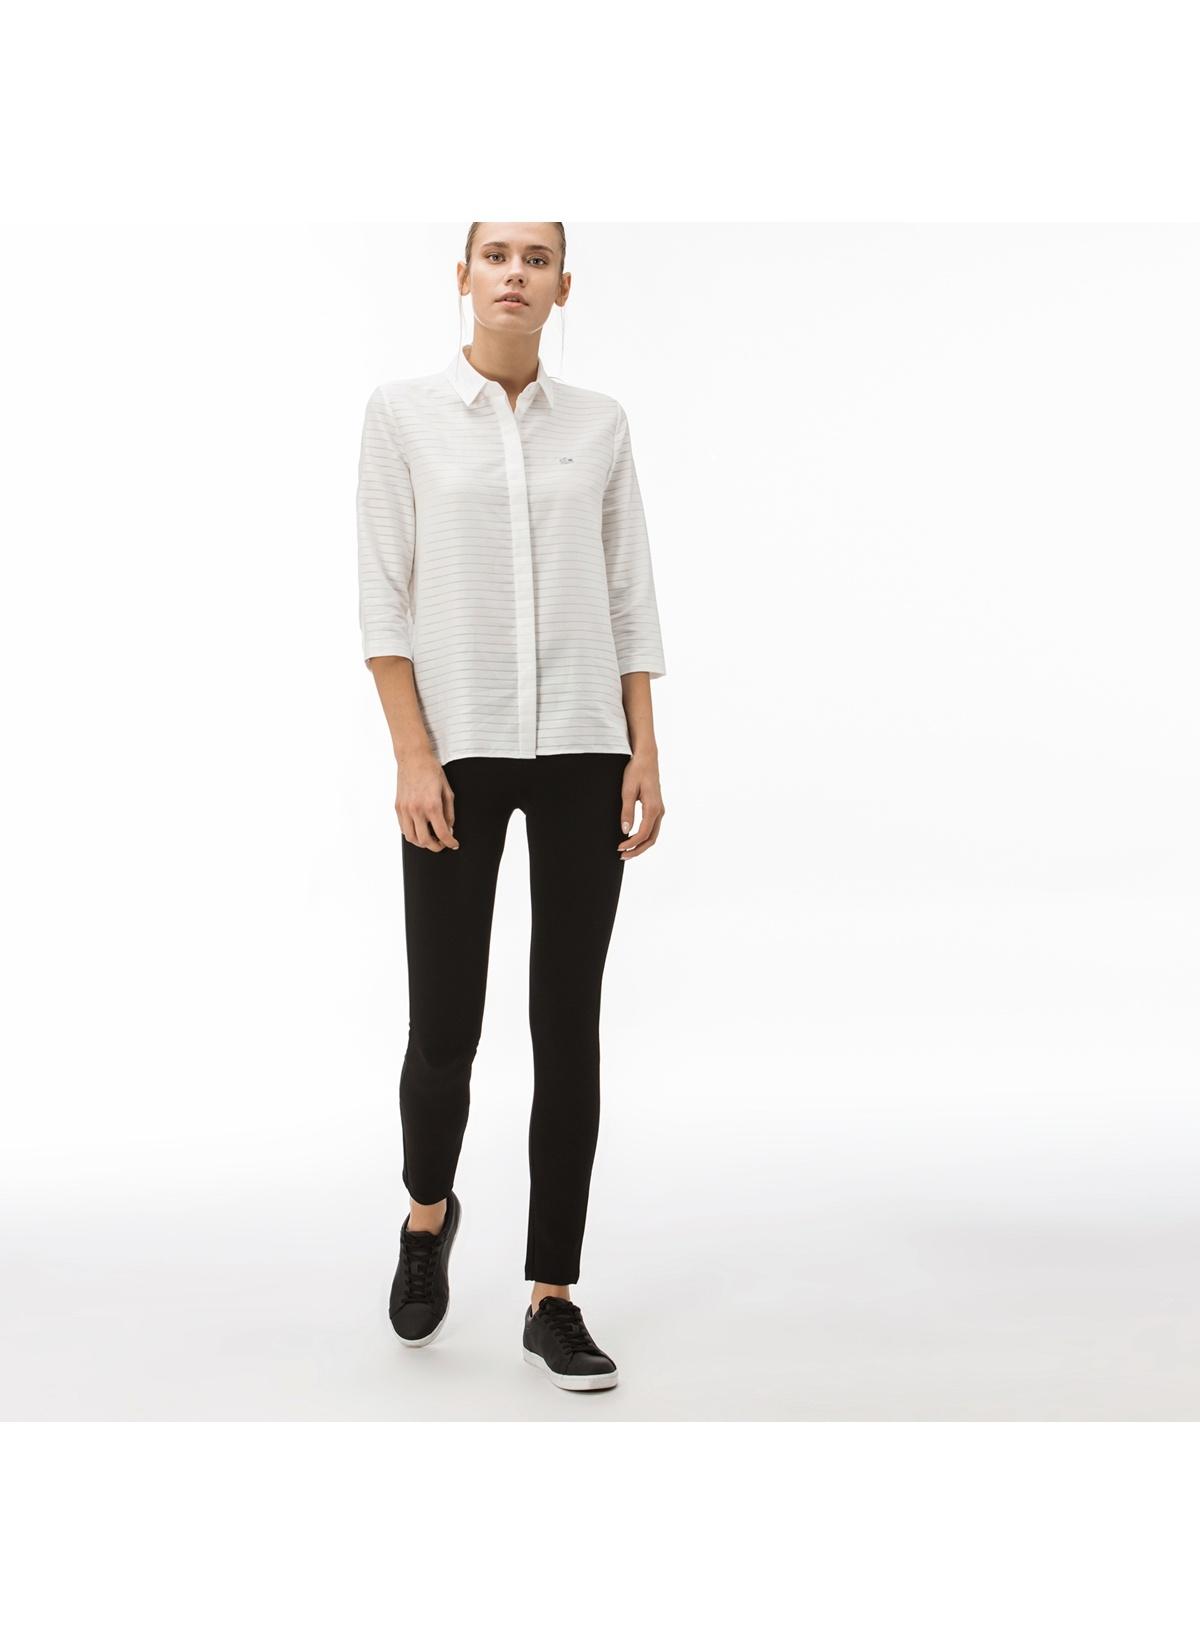 Lacoste Kadın Pantolon Siyah/58S 38 Beden